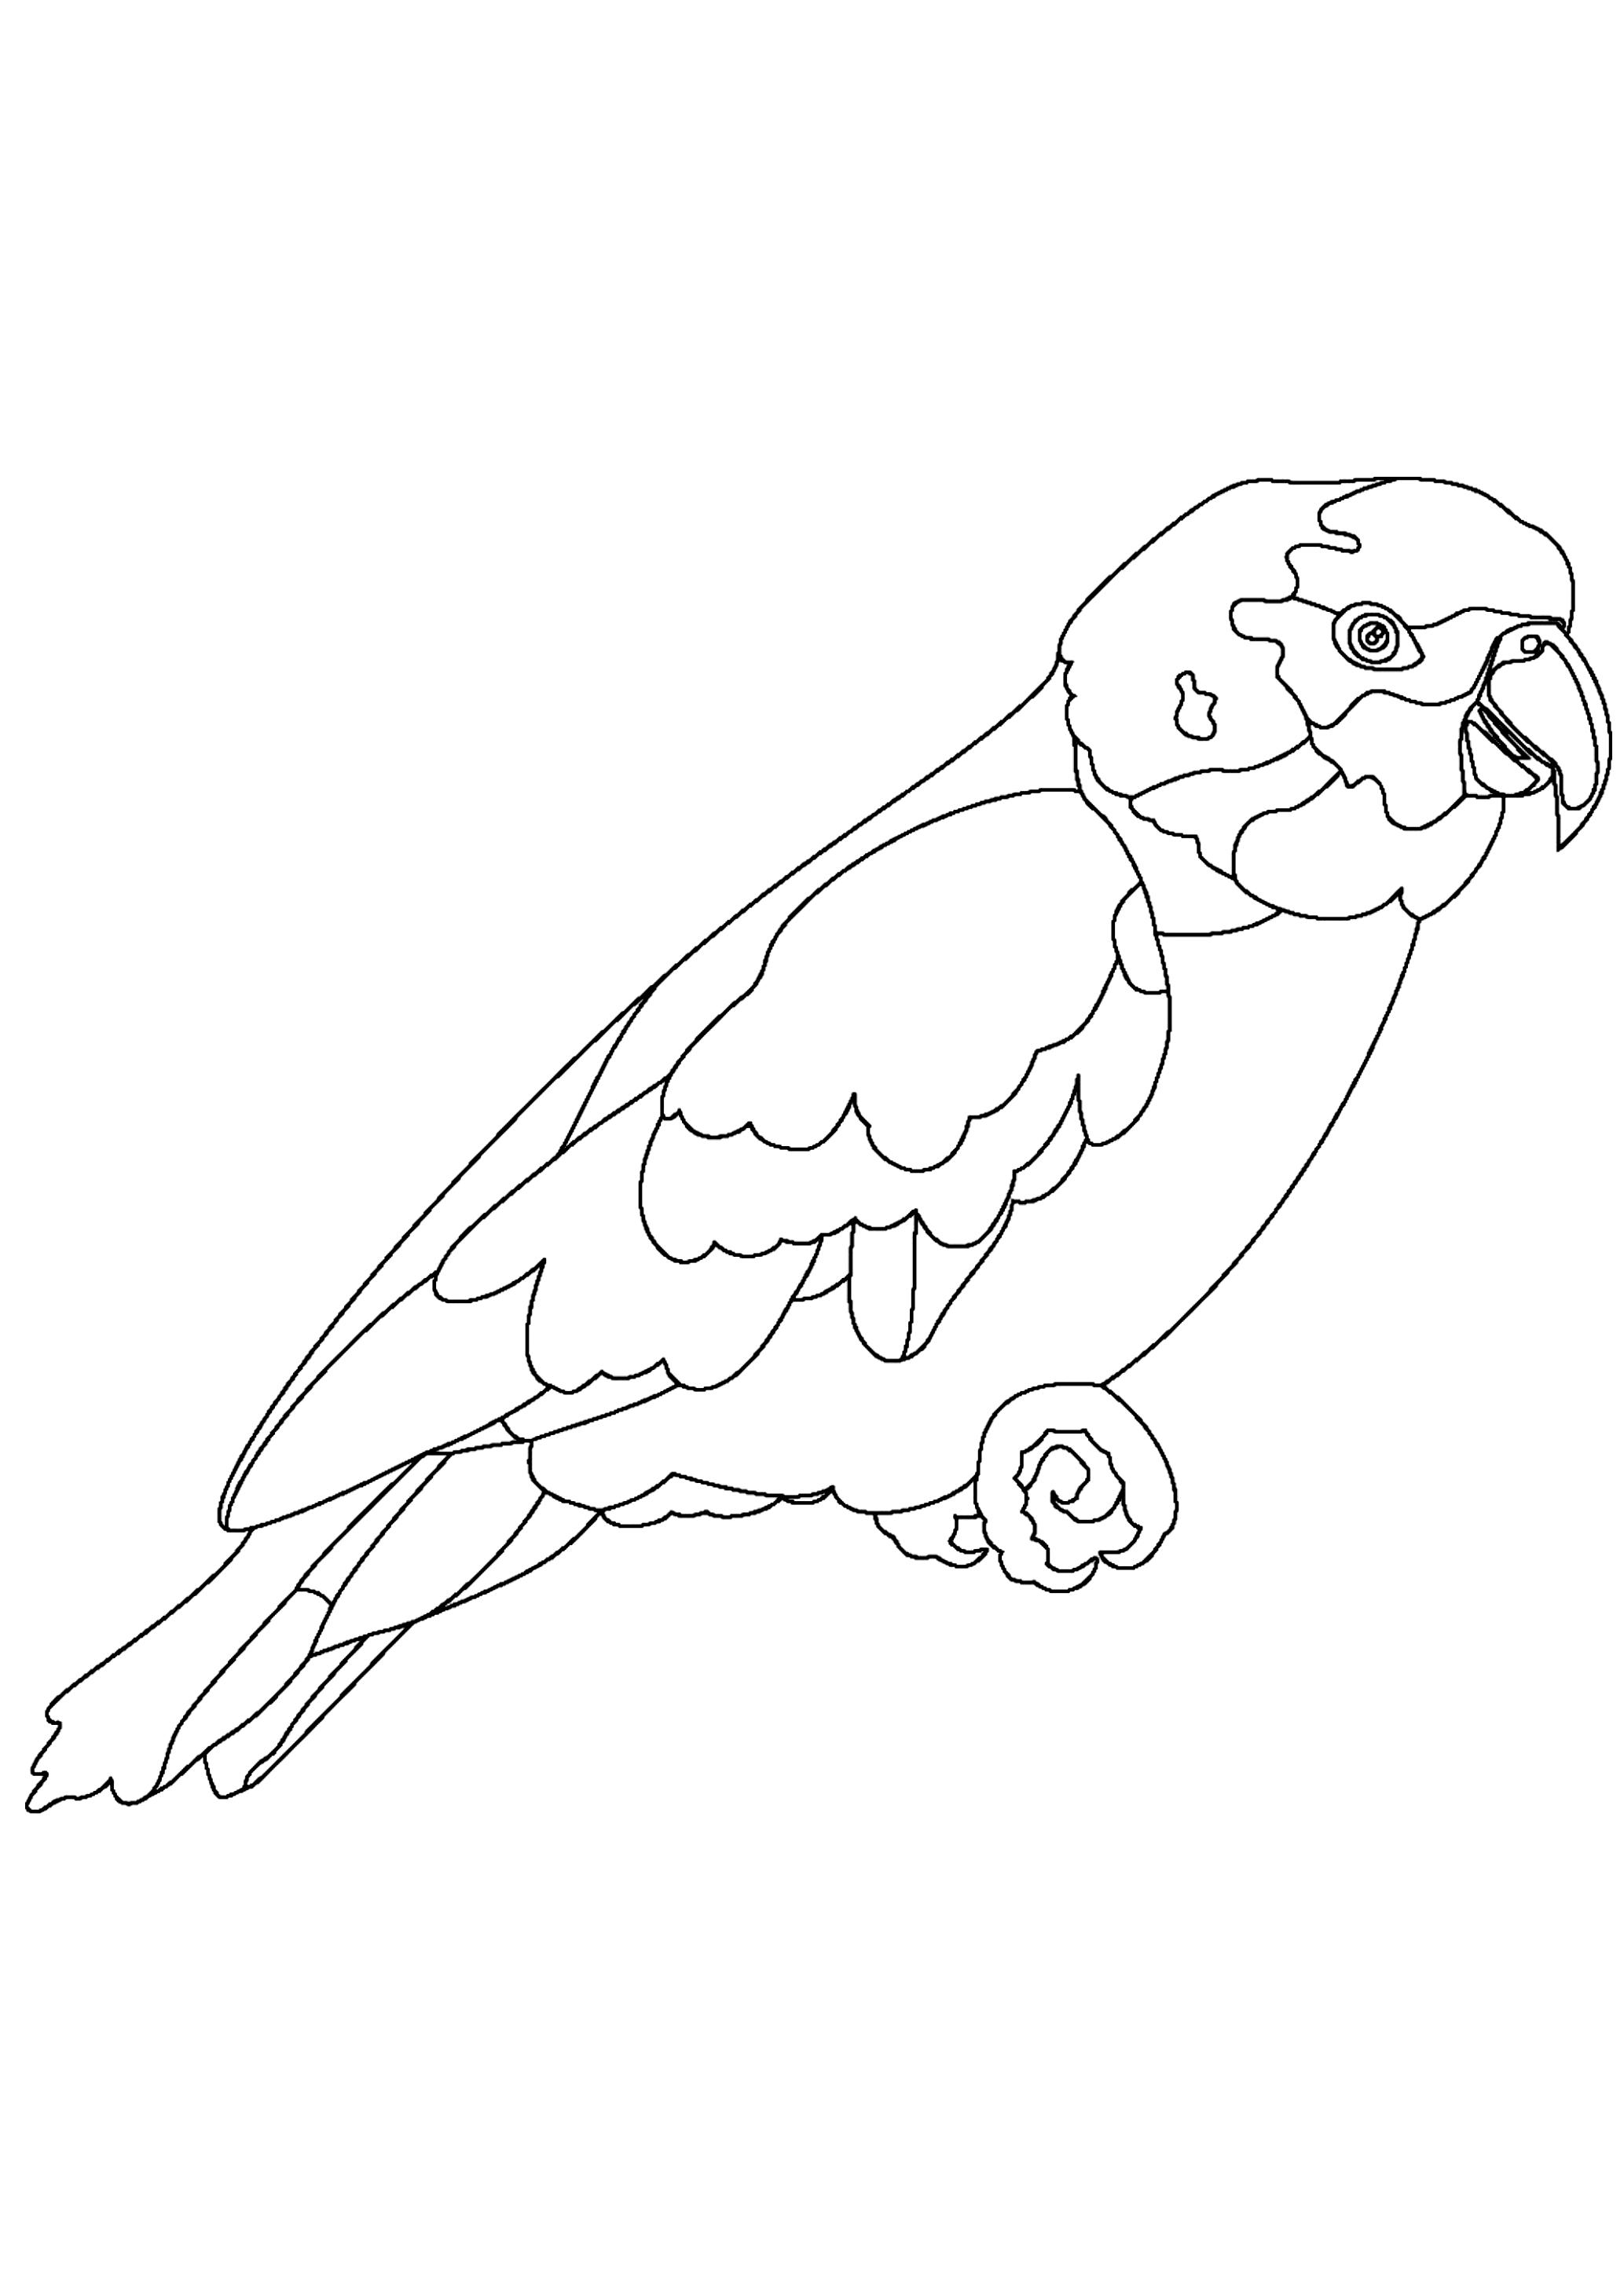 Disegno 1 di pappagalli da stampare e colorare